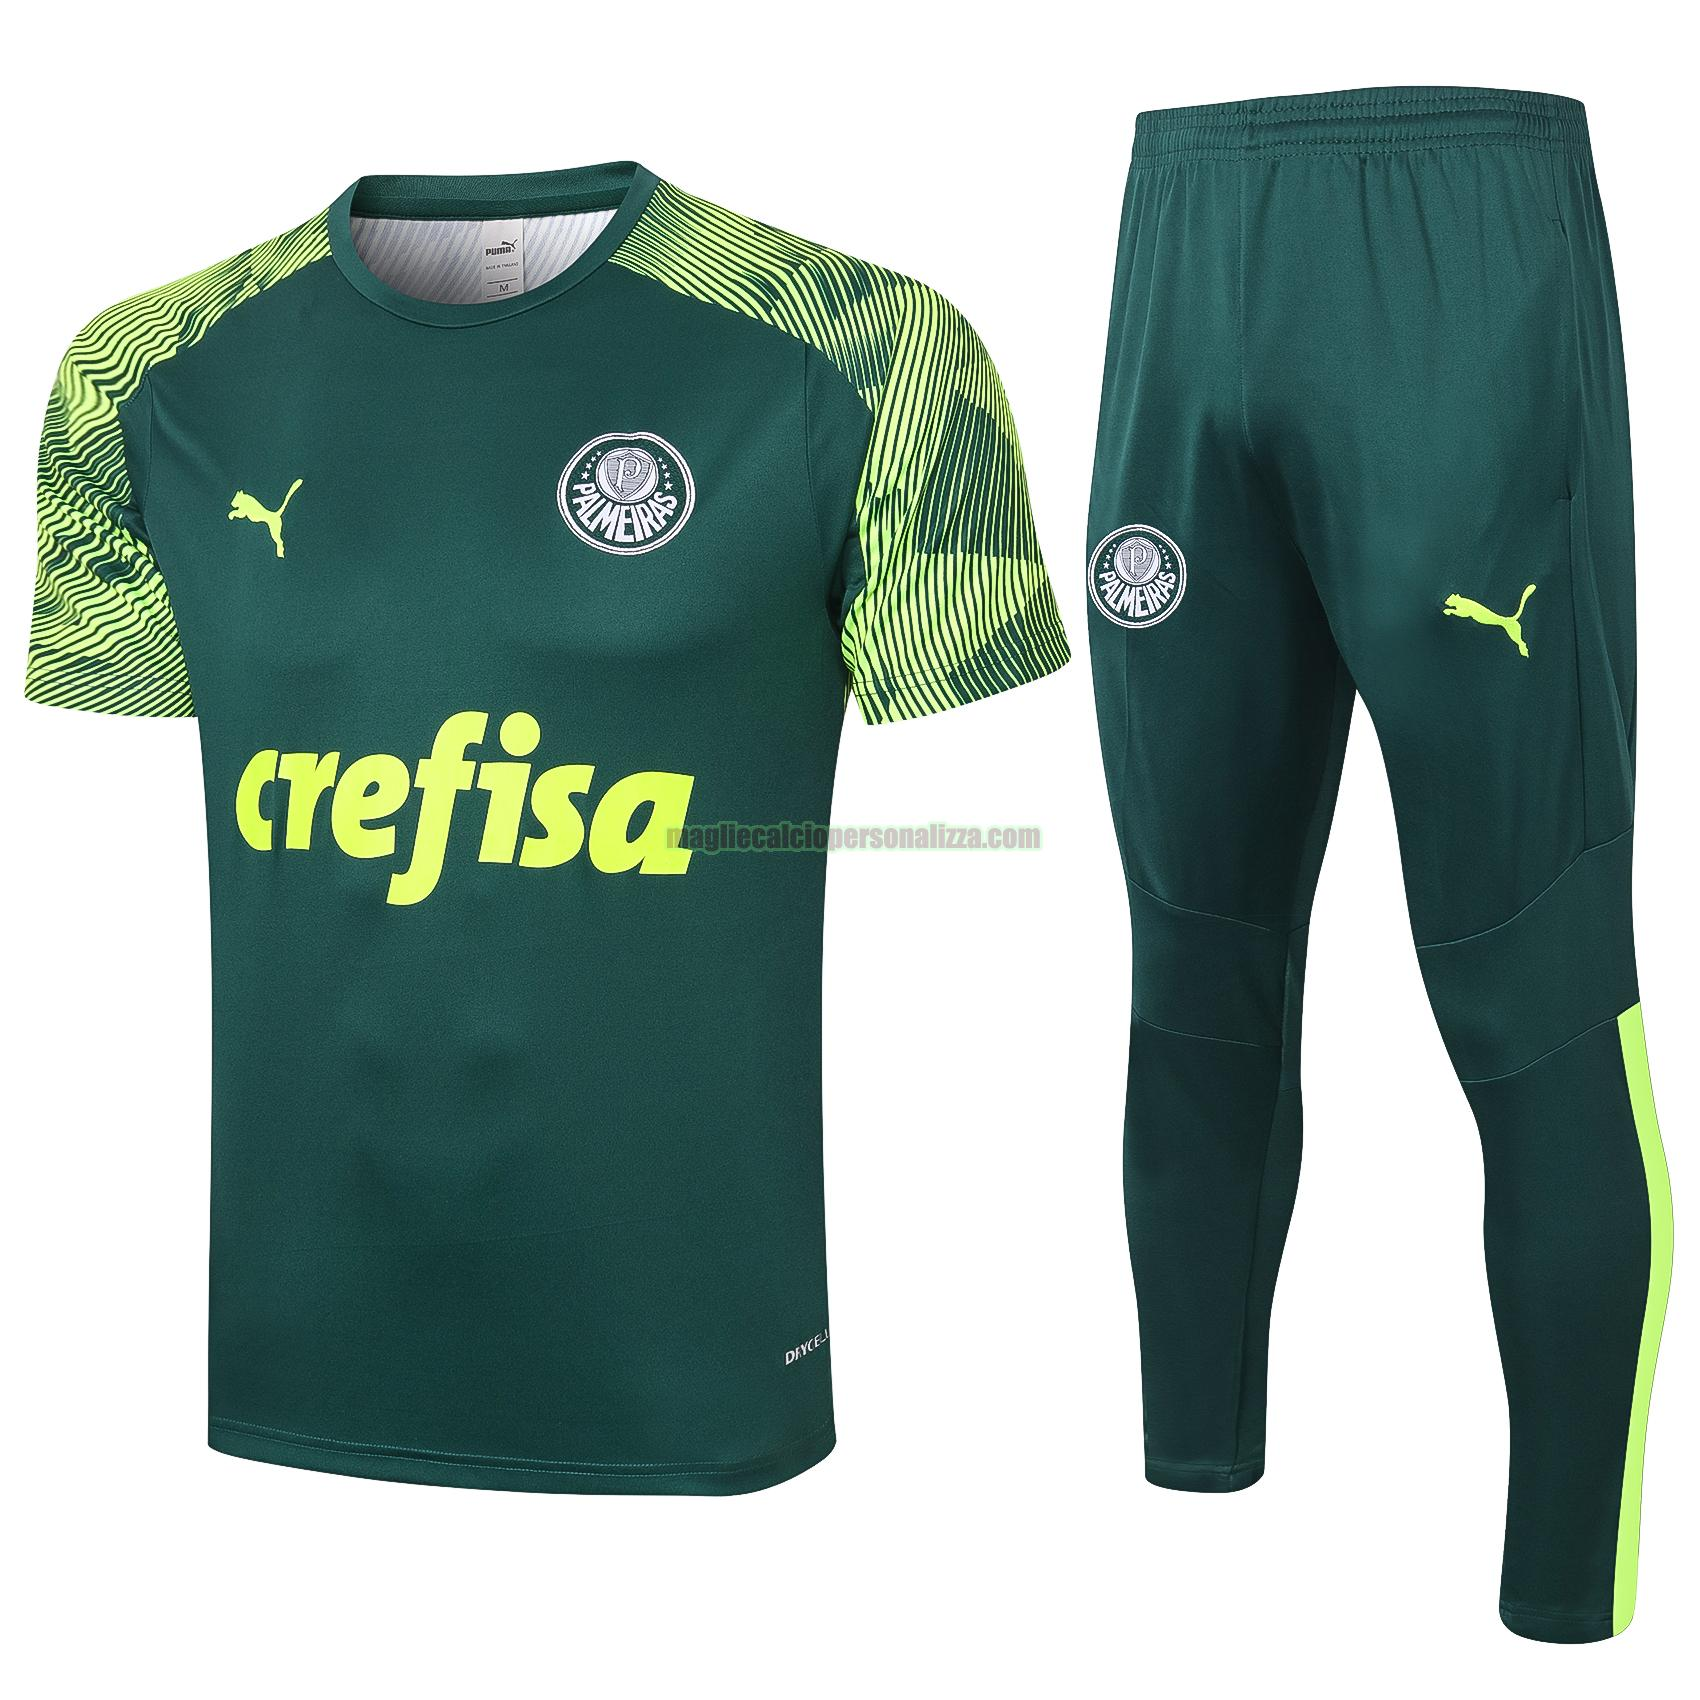 Maglie calcio Palmeiras personalizza 2022-2023